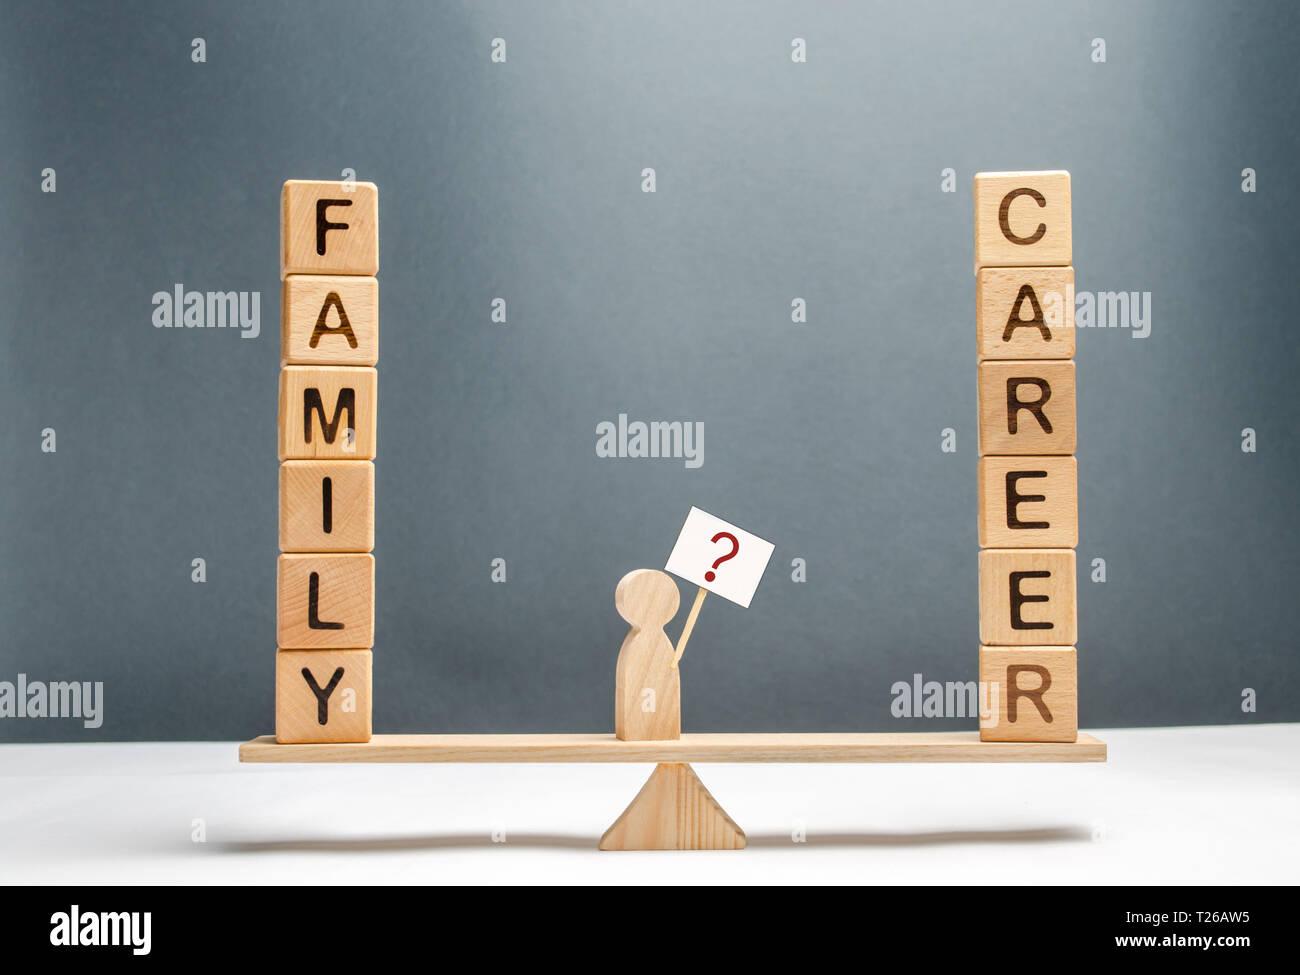 Der Mann auf der Waage mit einem Plakat und ein Zeichen von Fragen. Wahl zwischen Beruf und Familie. Das Konzept der Aufmerksamkeit für die Familie, Promotio Stockfoto